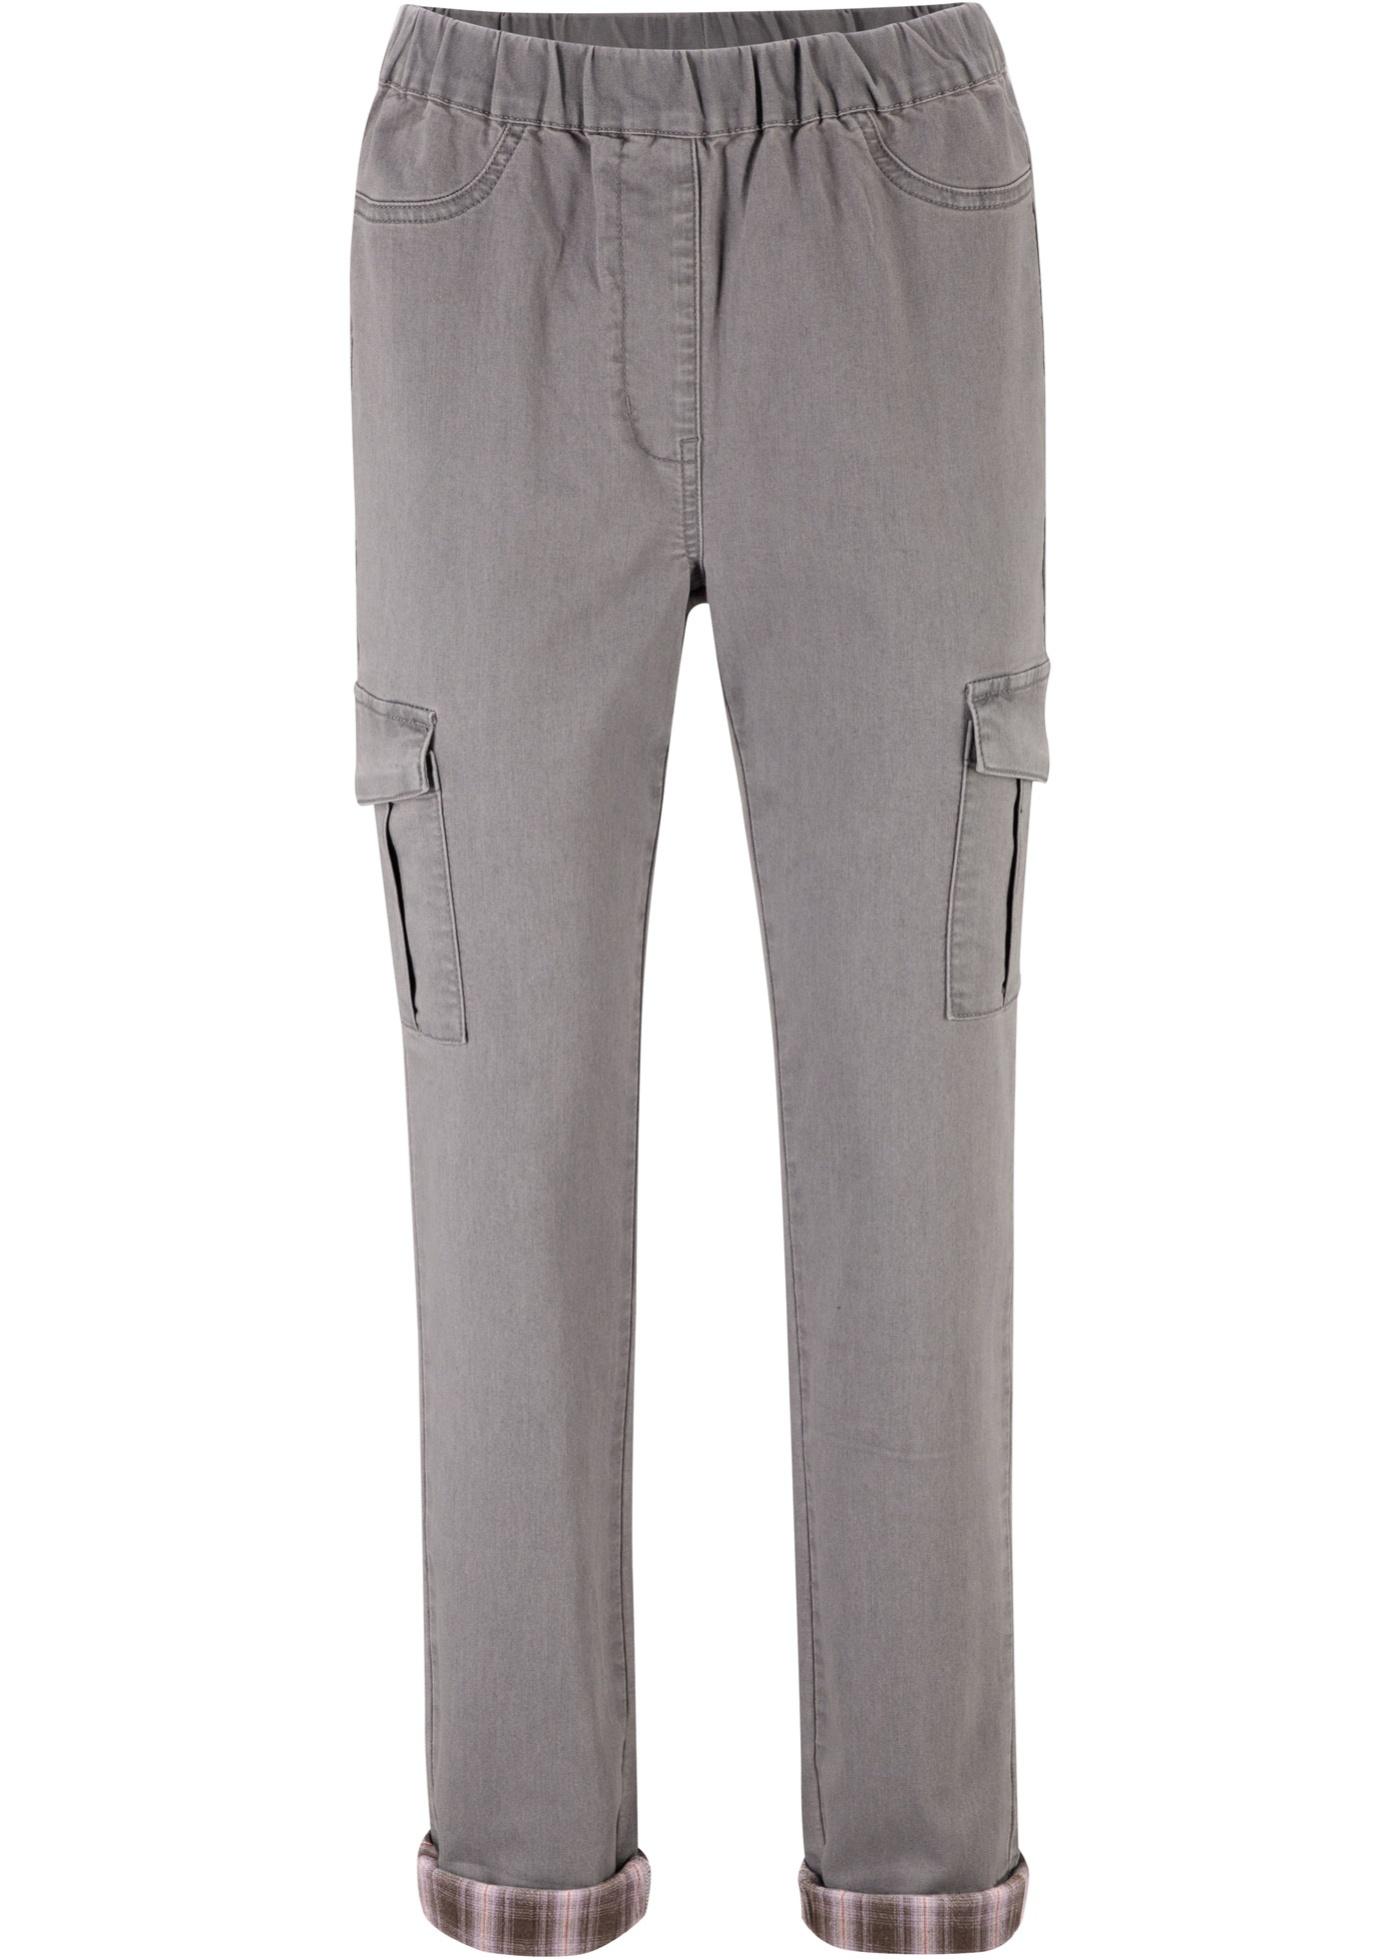 Bonprix - Push-up jeans med rutiga uppvikta benslut 289.00